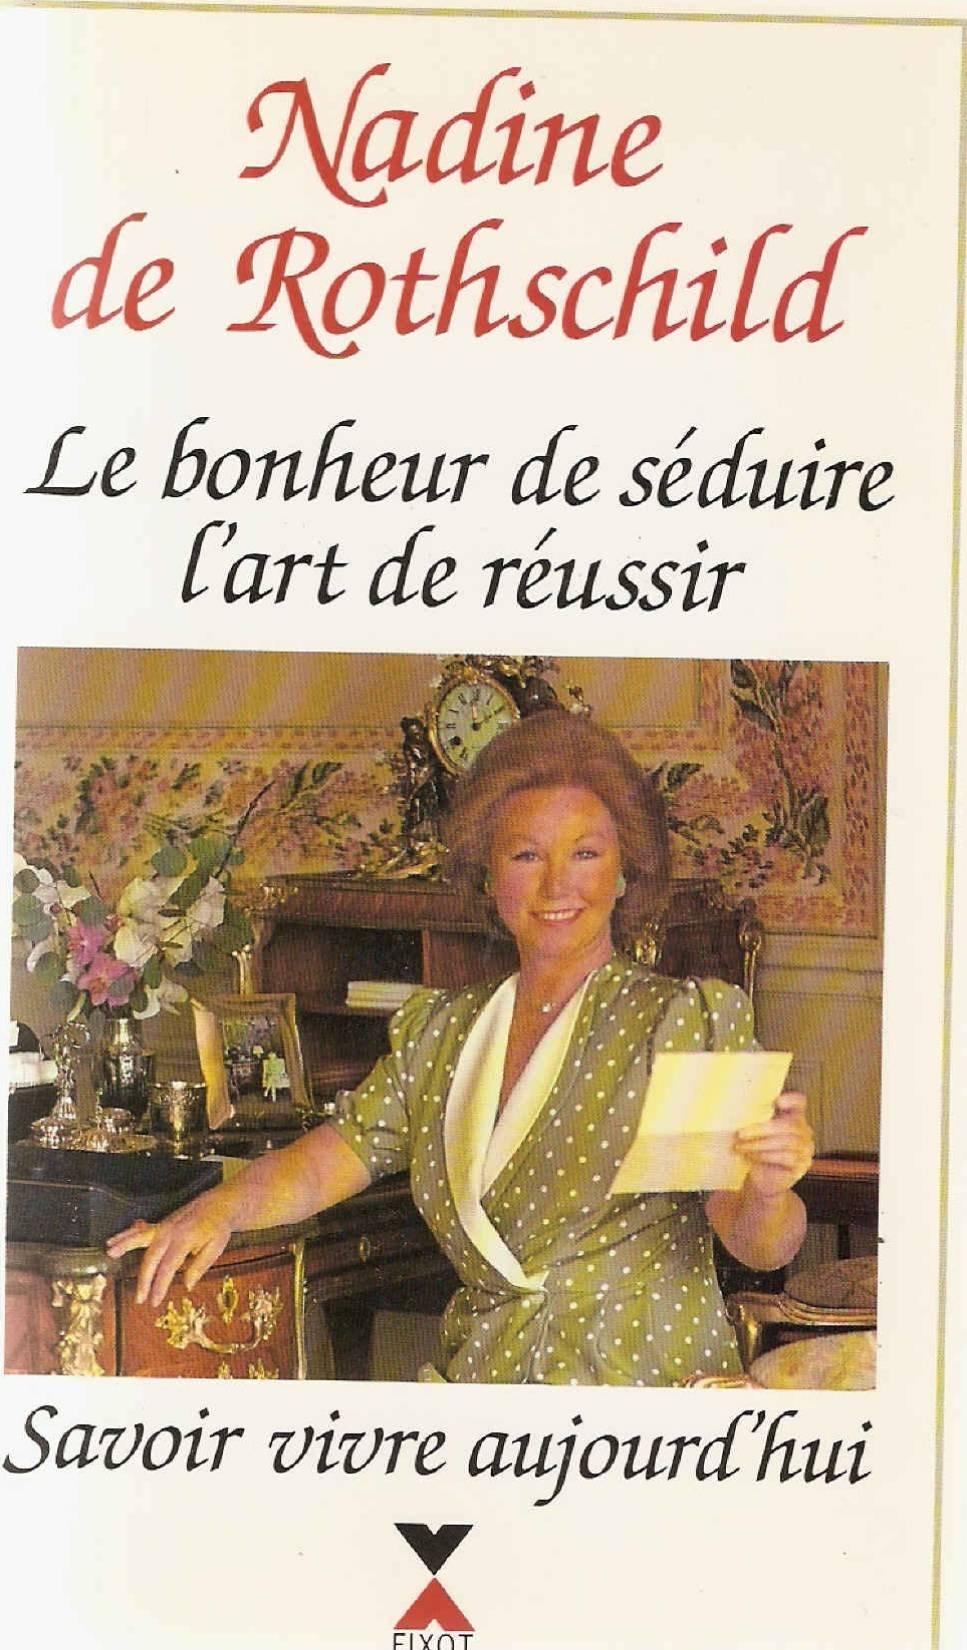 Le bonheur de seduire, l'art de reussir: Savoir vivre aujourd'hui (French Edition) Broché – 1 janvier 1991 ROTHSCHILD NADINE DE. Fixot 2876450844 GD-110-44-3871823